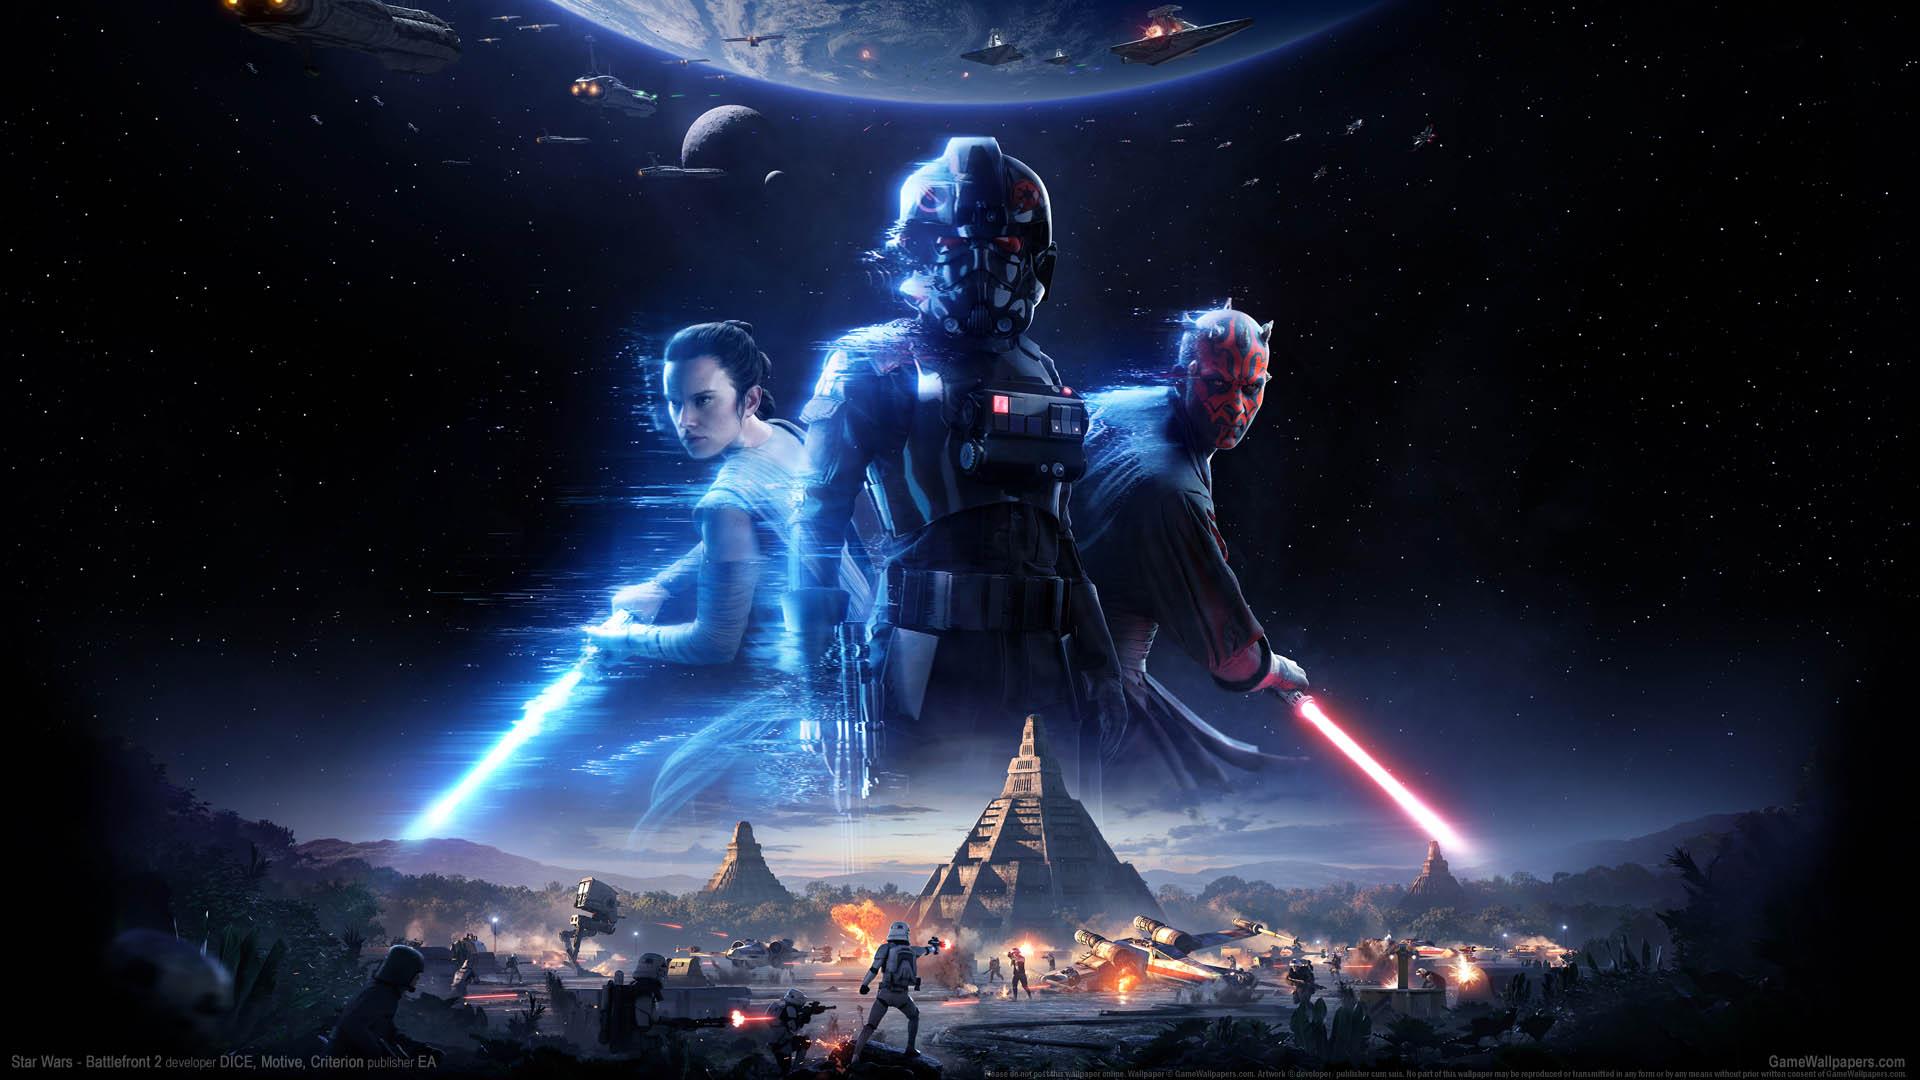 Star Wars - Battlefront 2 fondo de escritorio 01 1920x1080